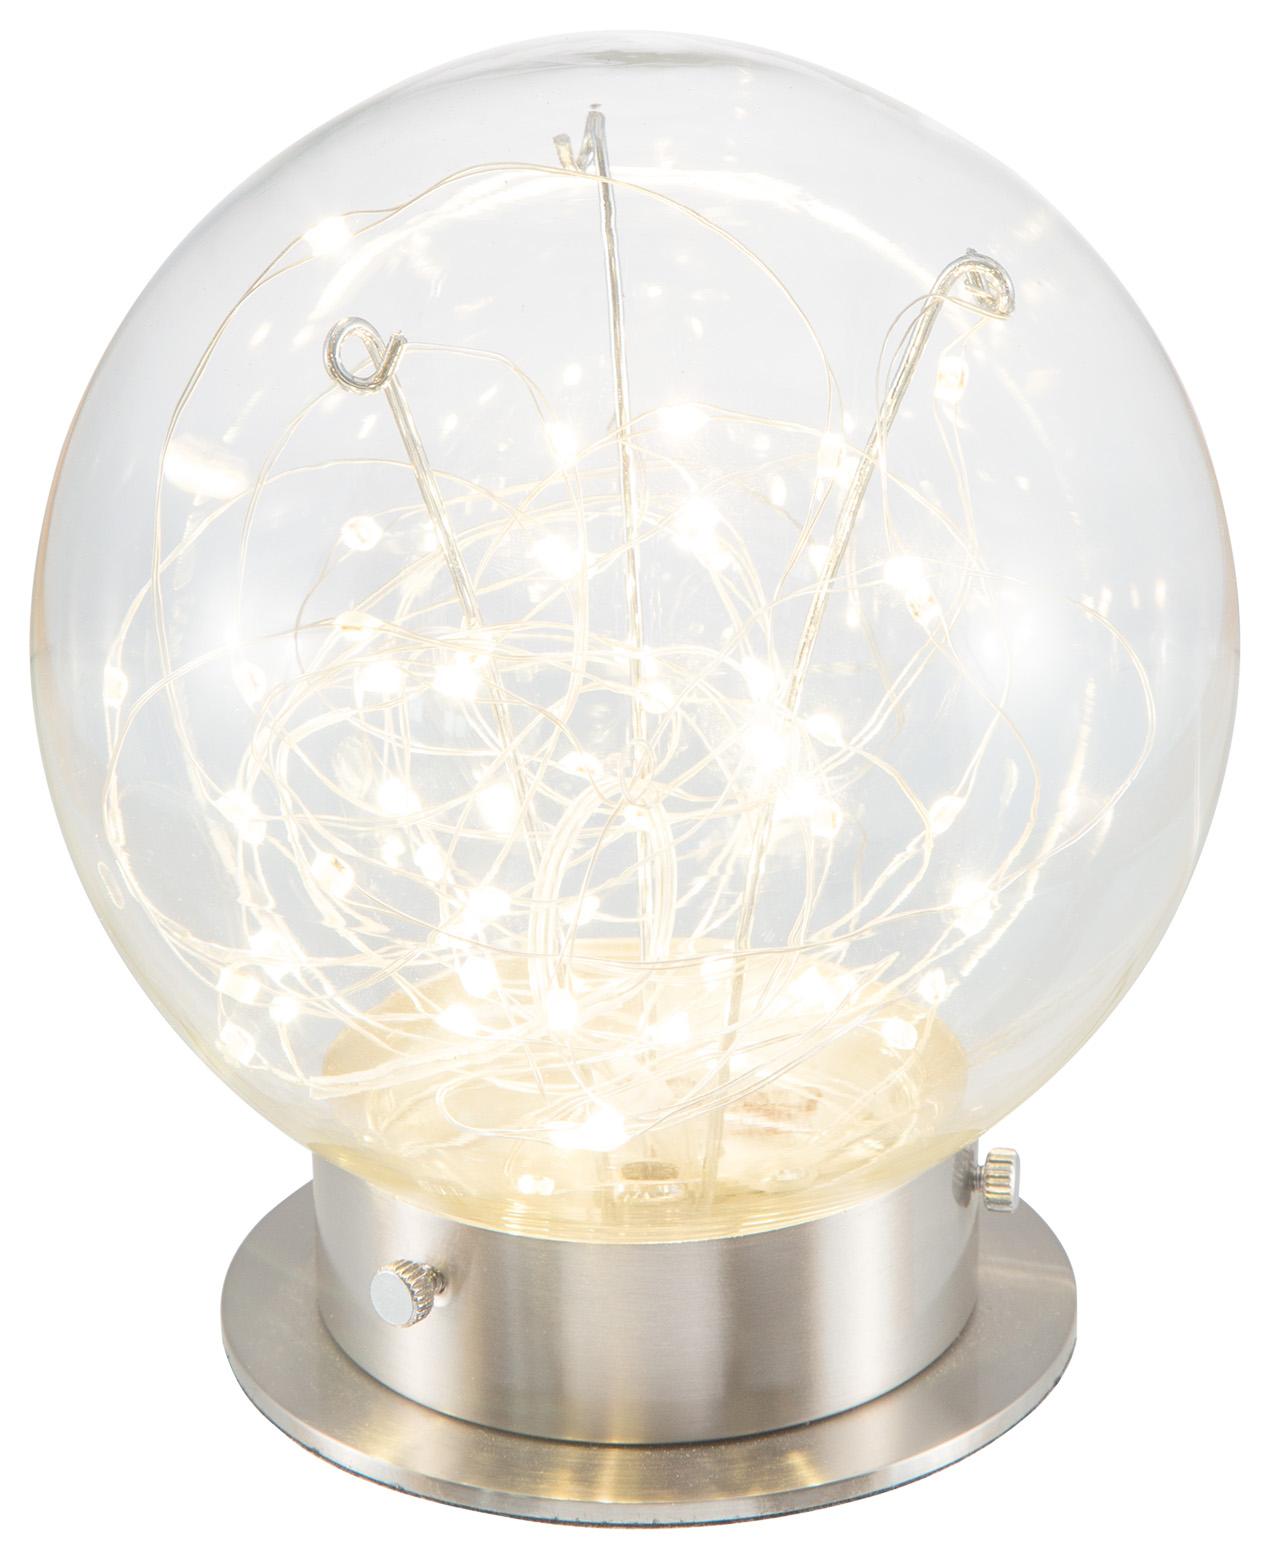 LED Tischleuchte 1flg. LIGHTS